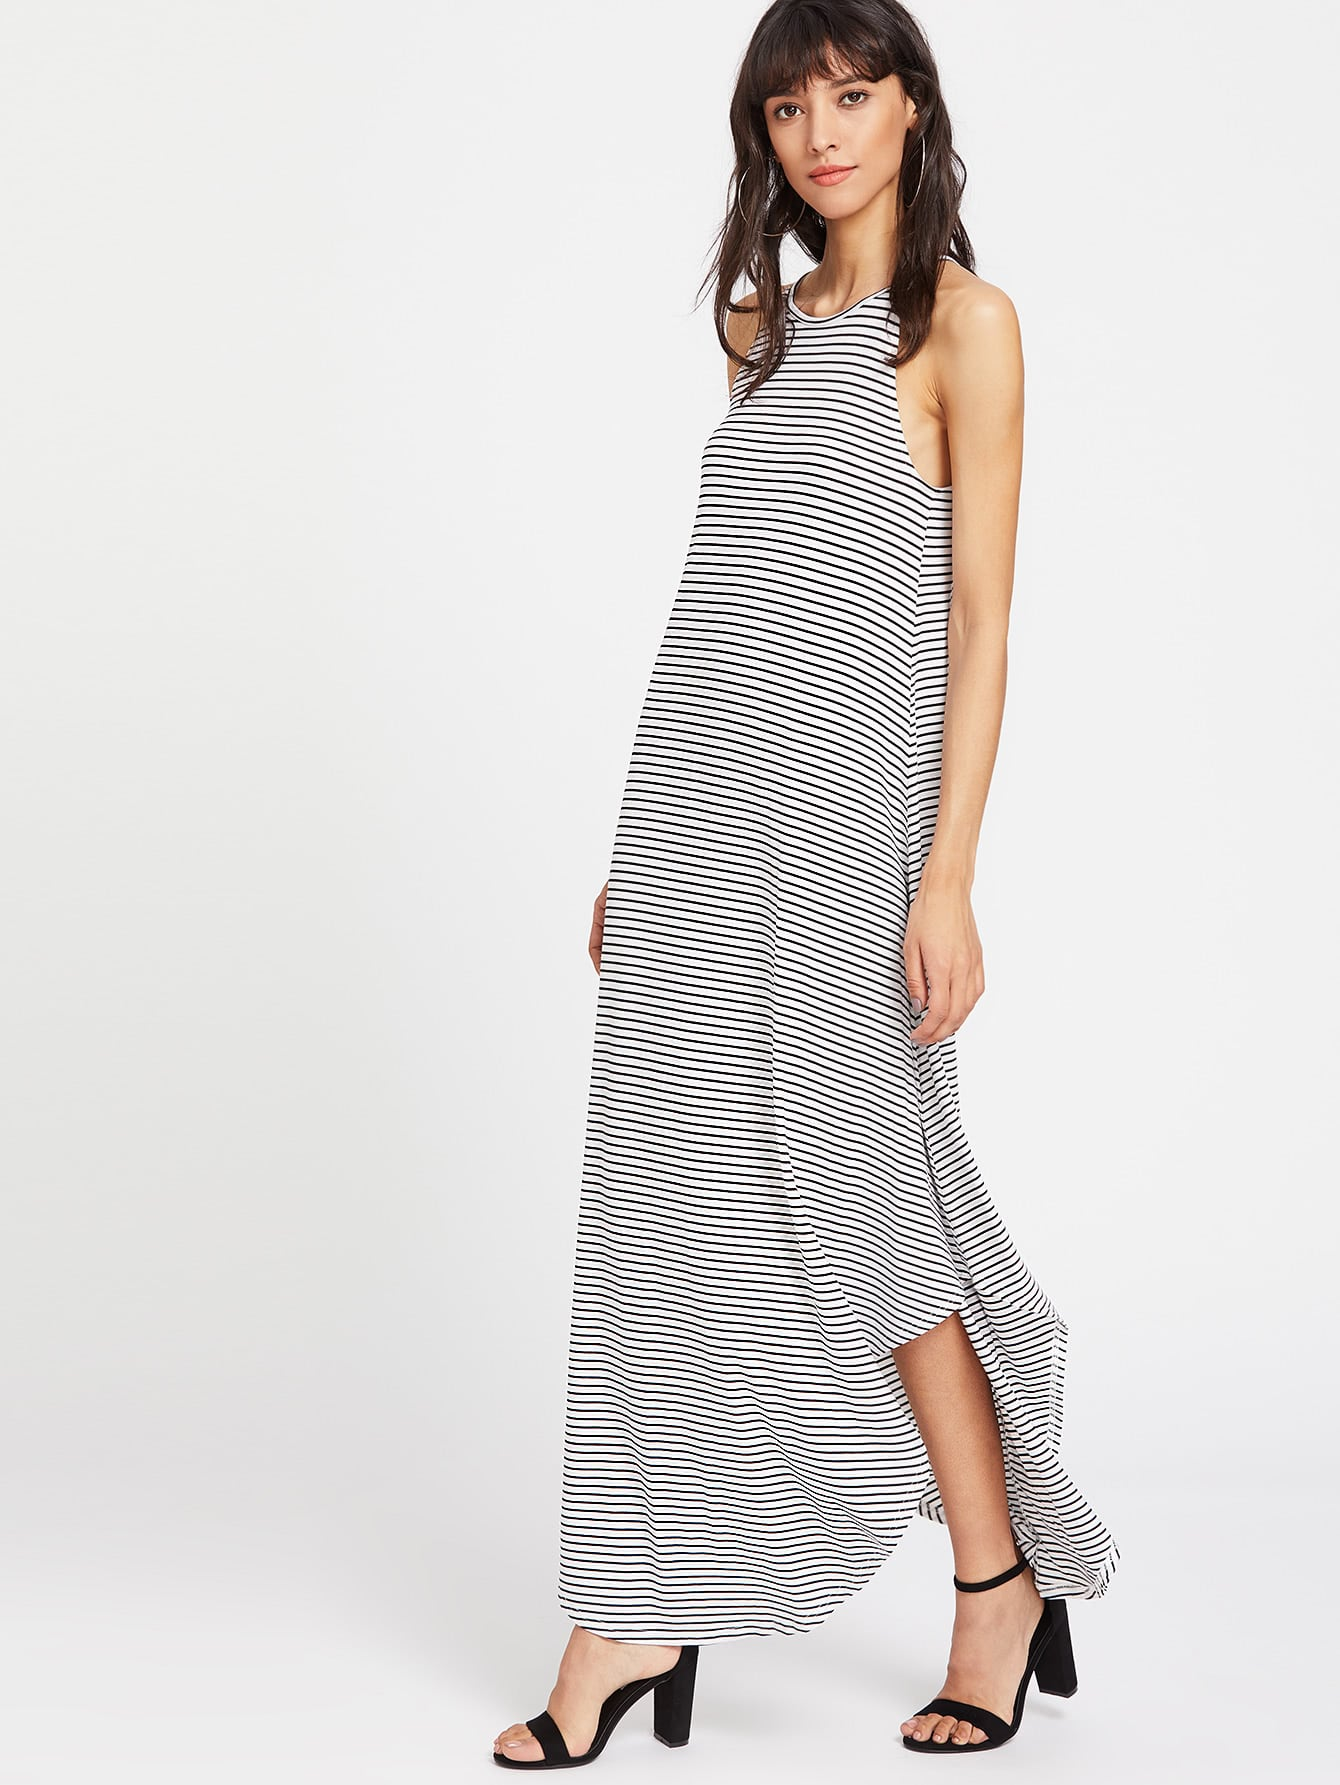 dress170404703_2